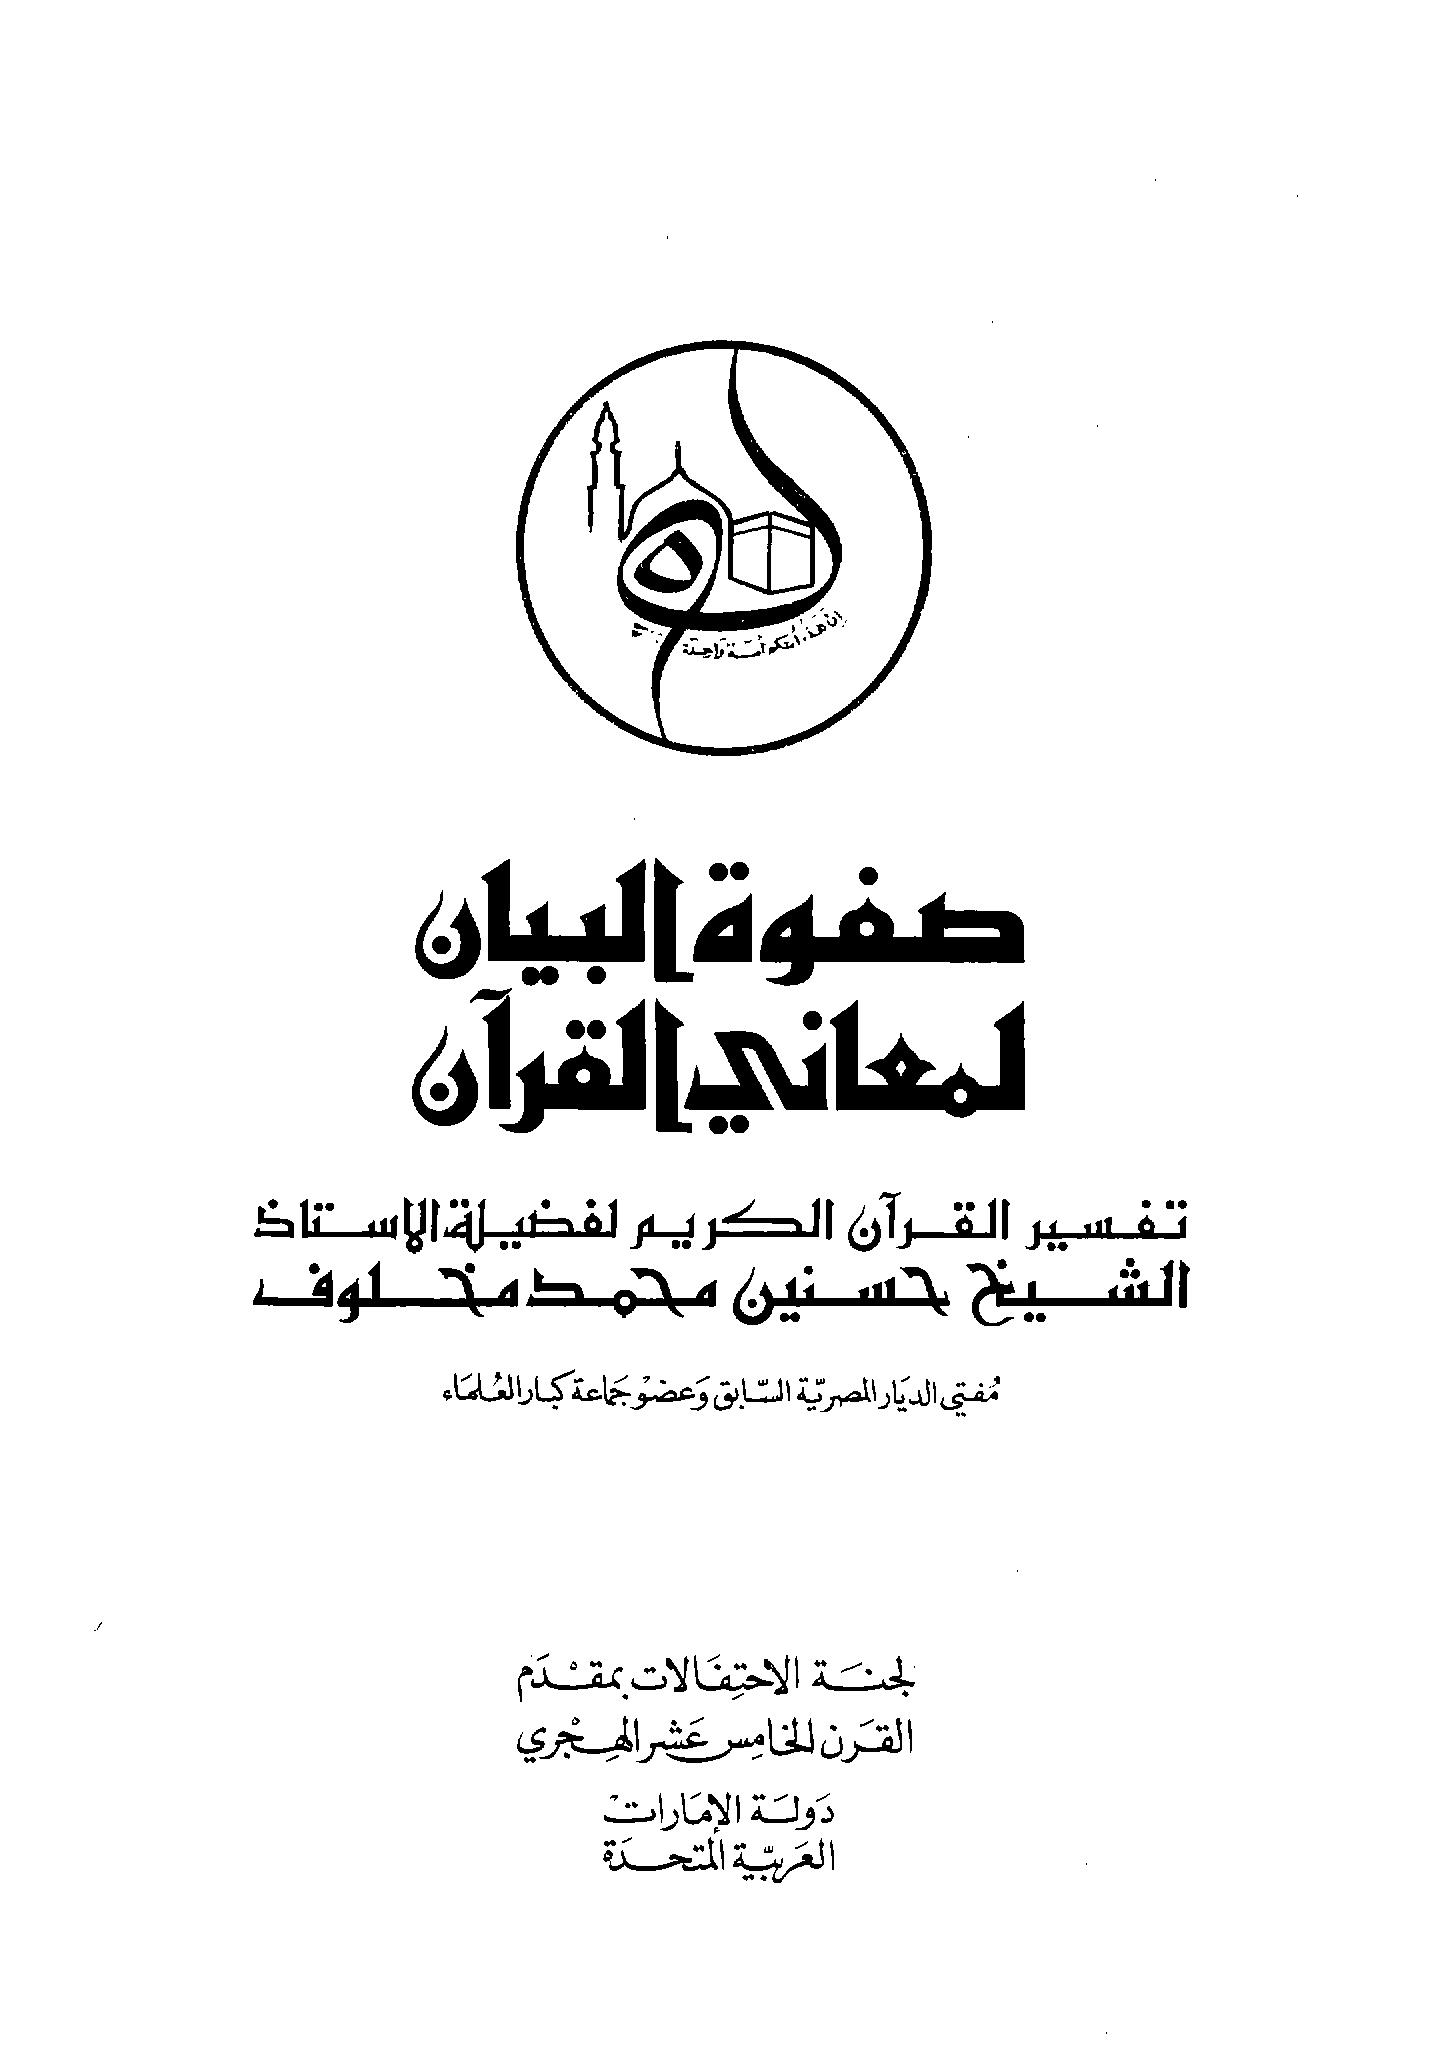 تحميل كتاب صفوة البيان لمعاني القرآن لـِ: الشيخ حسنين محمد حسنين مخلوف العدوي (ت 1410)